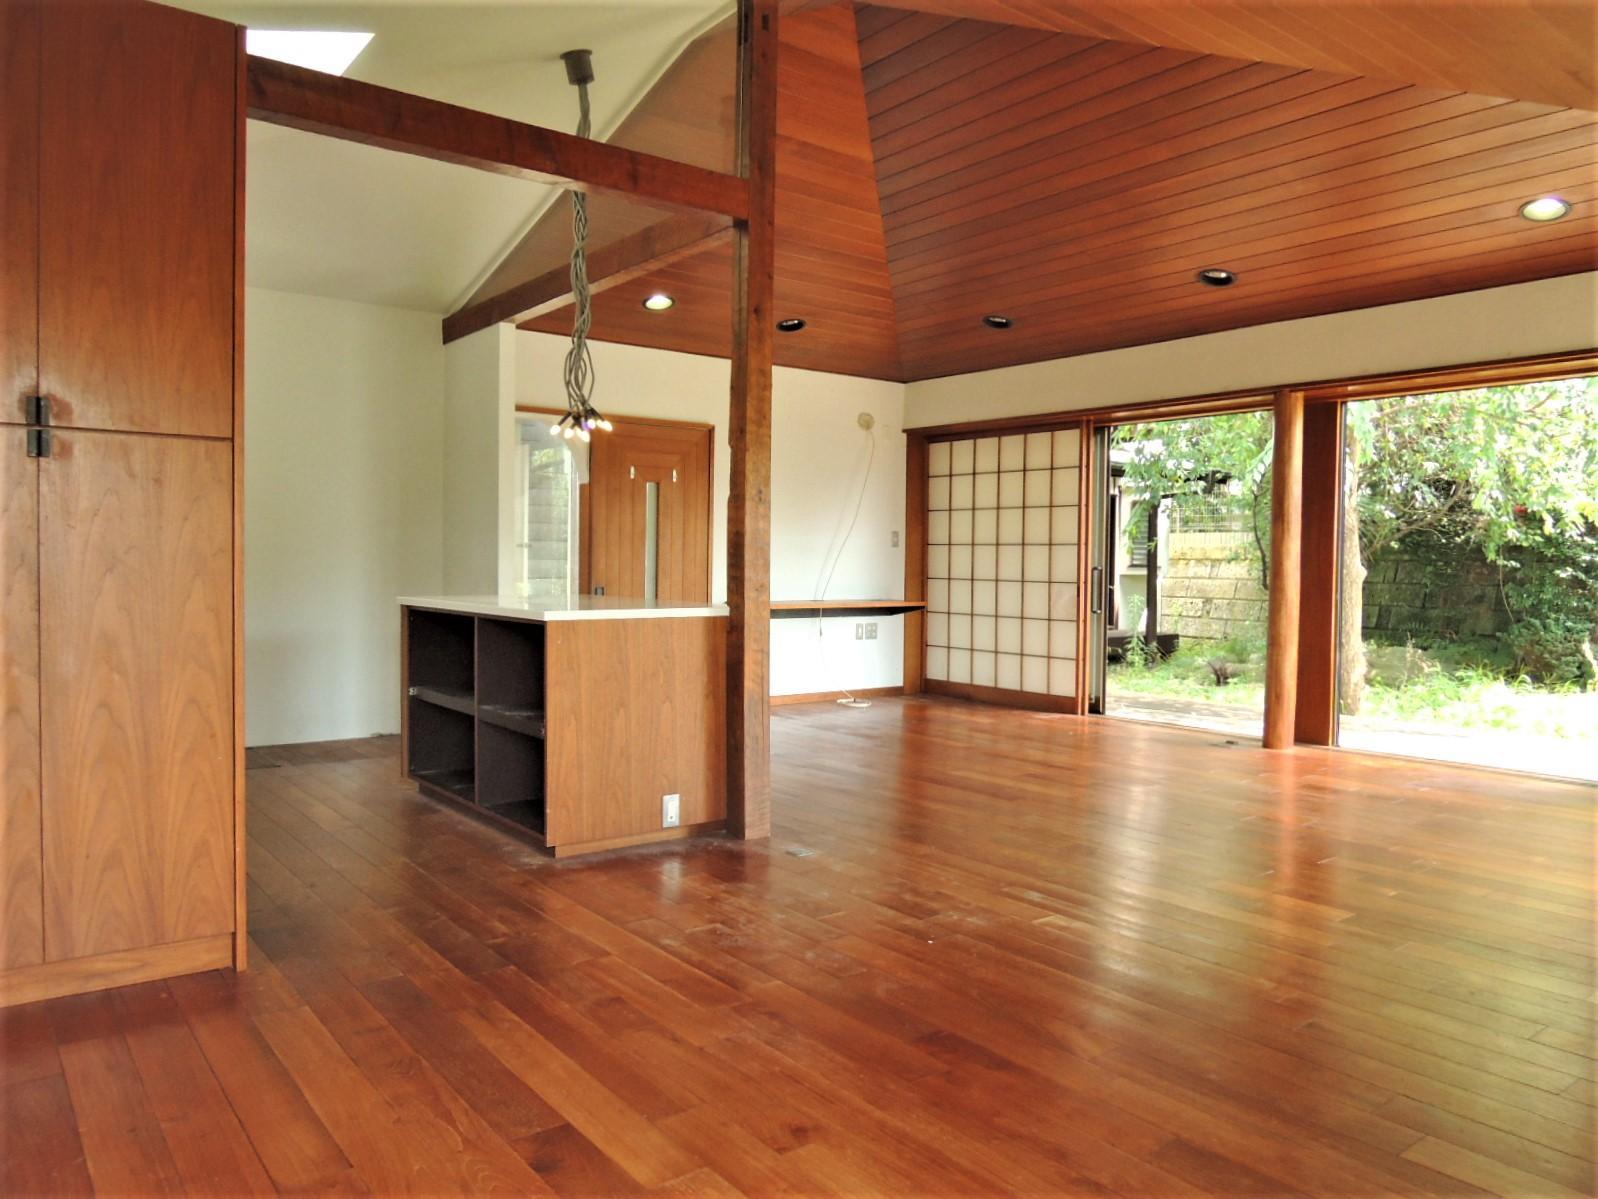 1階|LDK24.5帖は勾配天井と大きな窓で開放感のある空間。